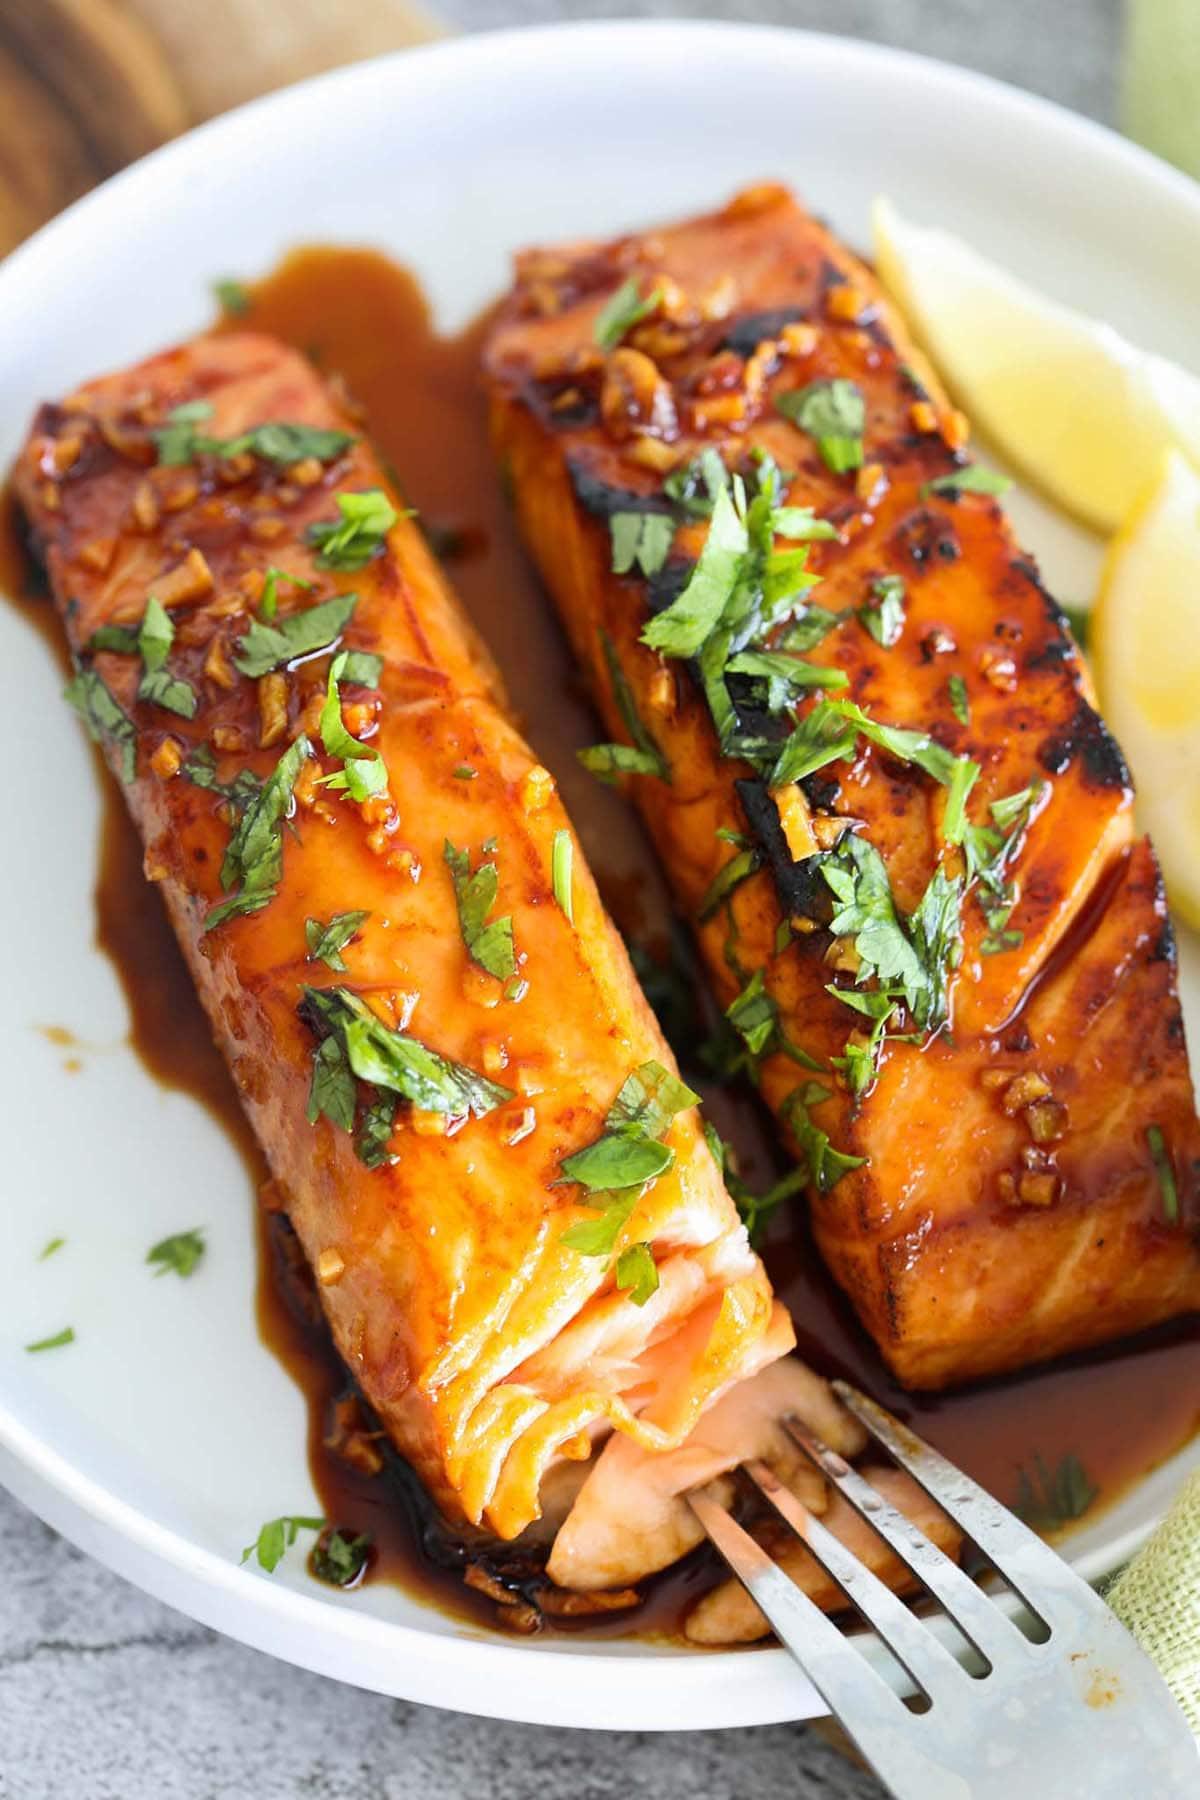 Recette de glaçage au saumon au miel, sriracha et saumon.